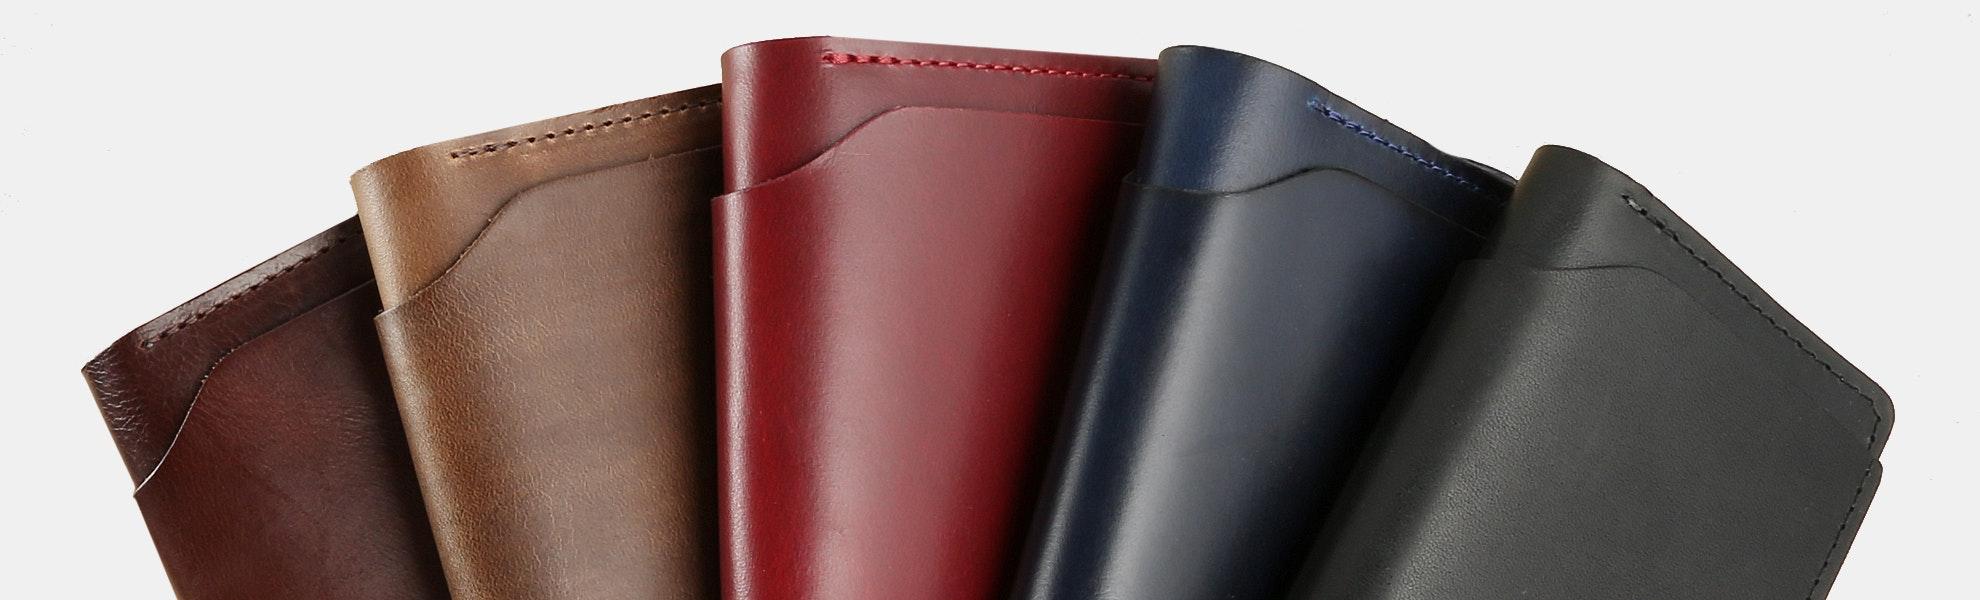 Ashland Leather Tony the Ant Bifold